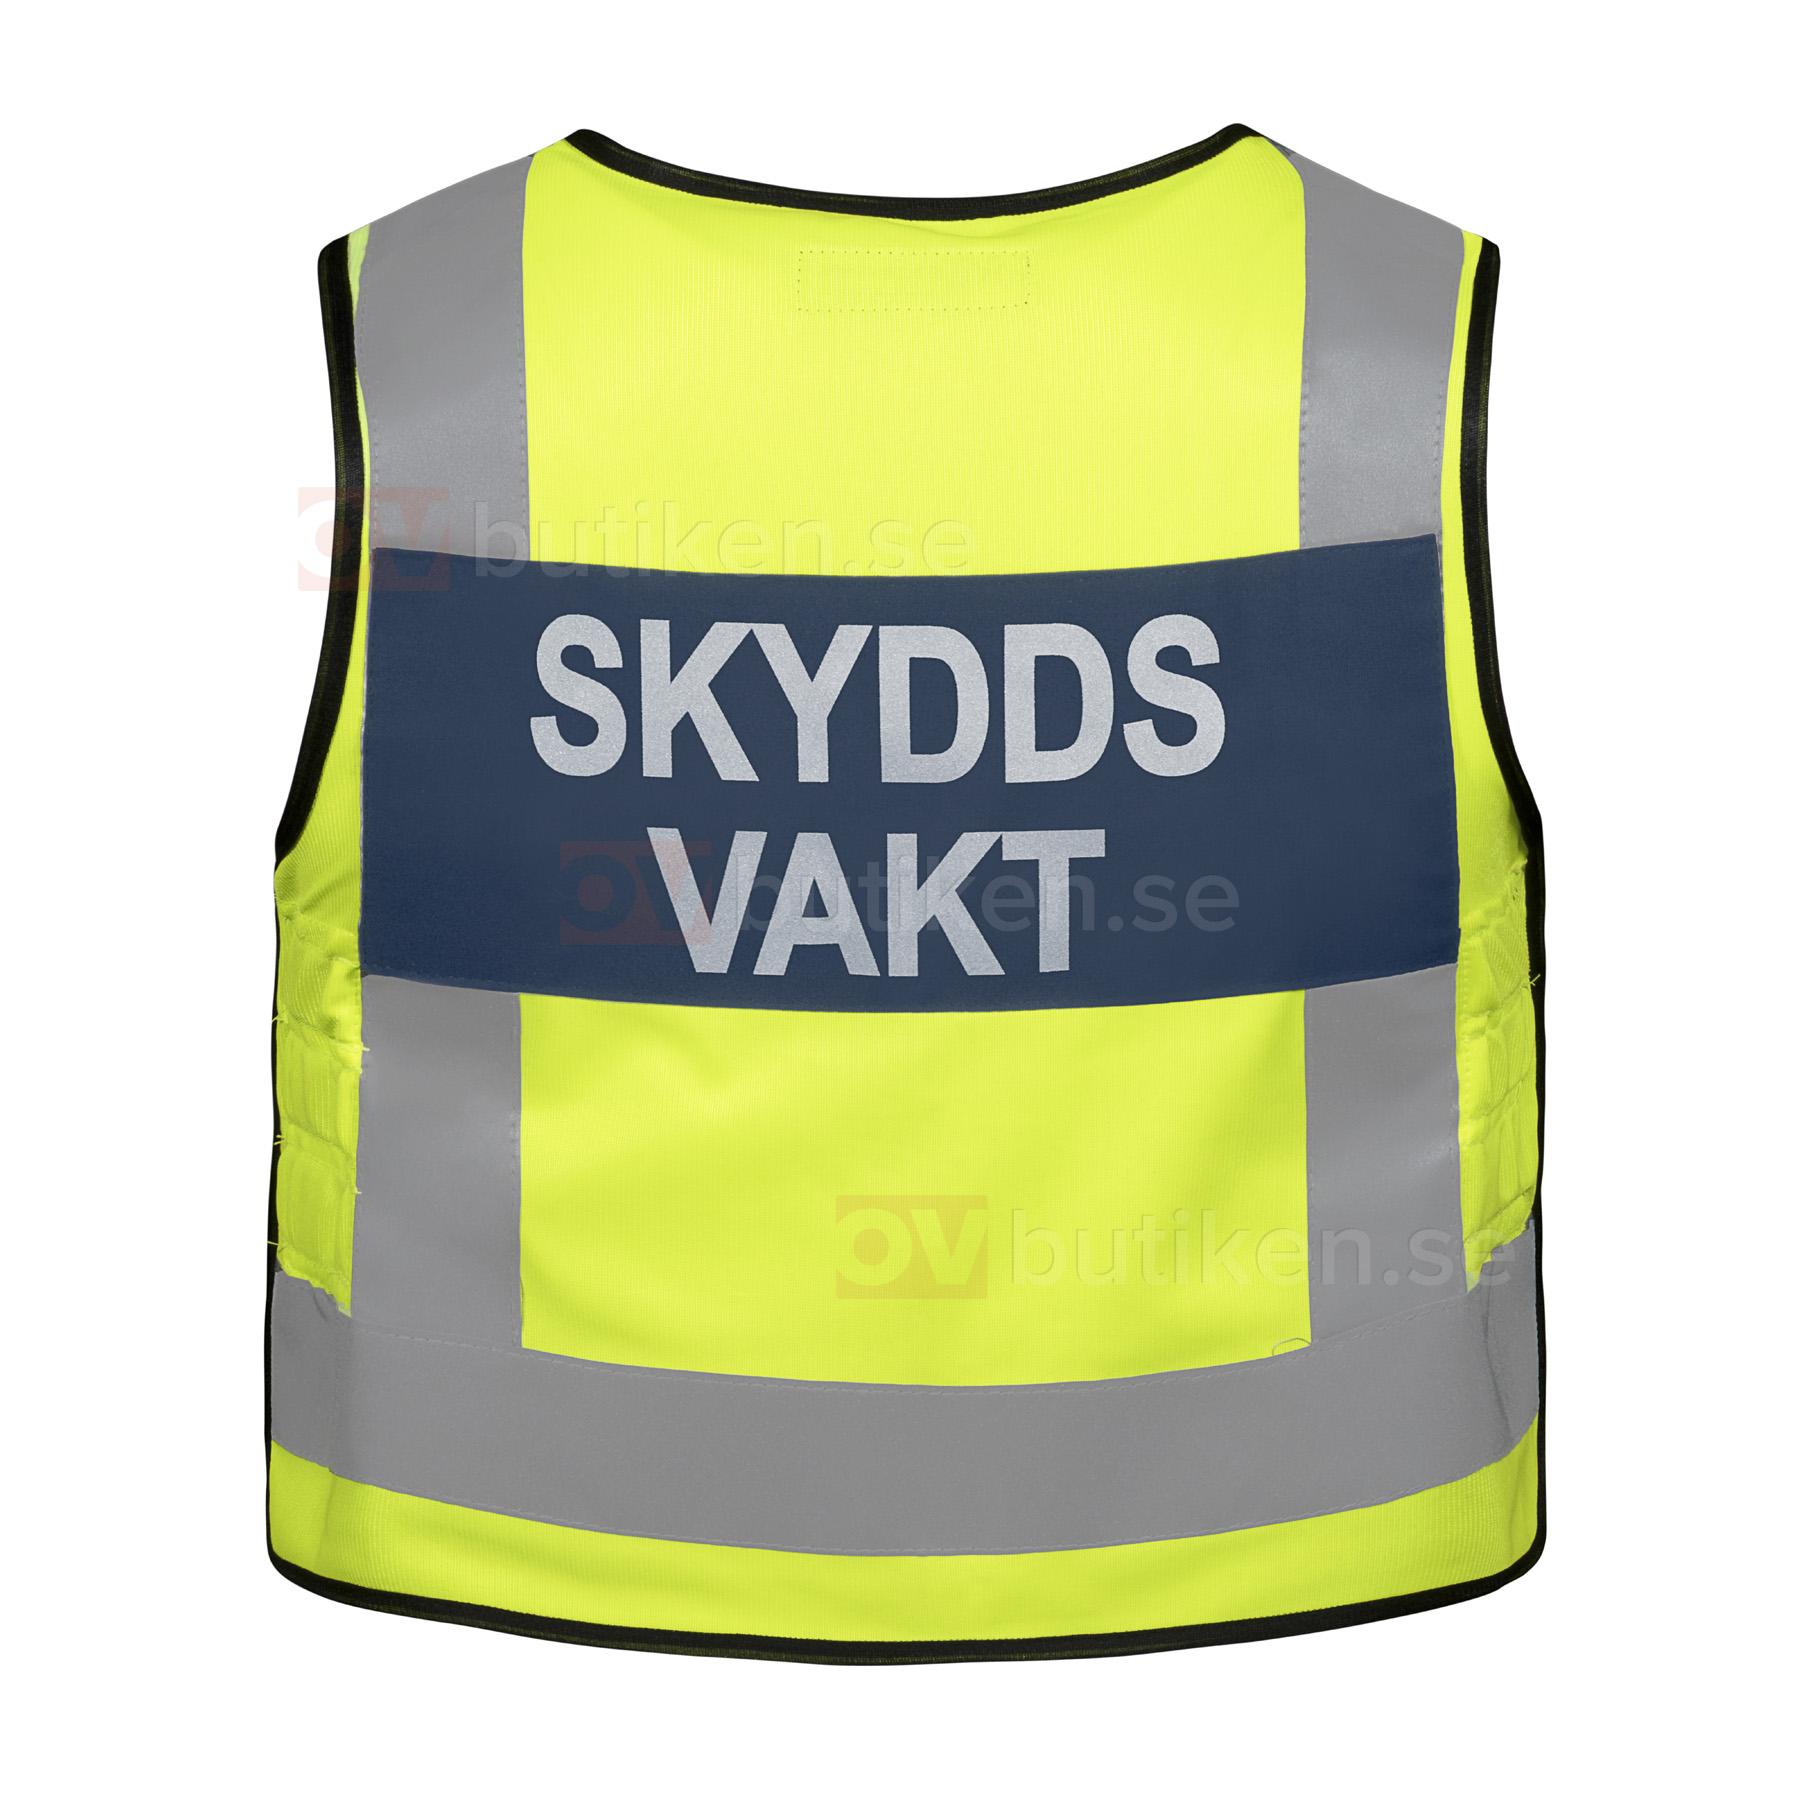 OVbutiken.se - Skyddsvakt Reflexväst Tight 8407d311c33a0